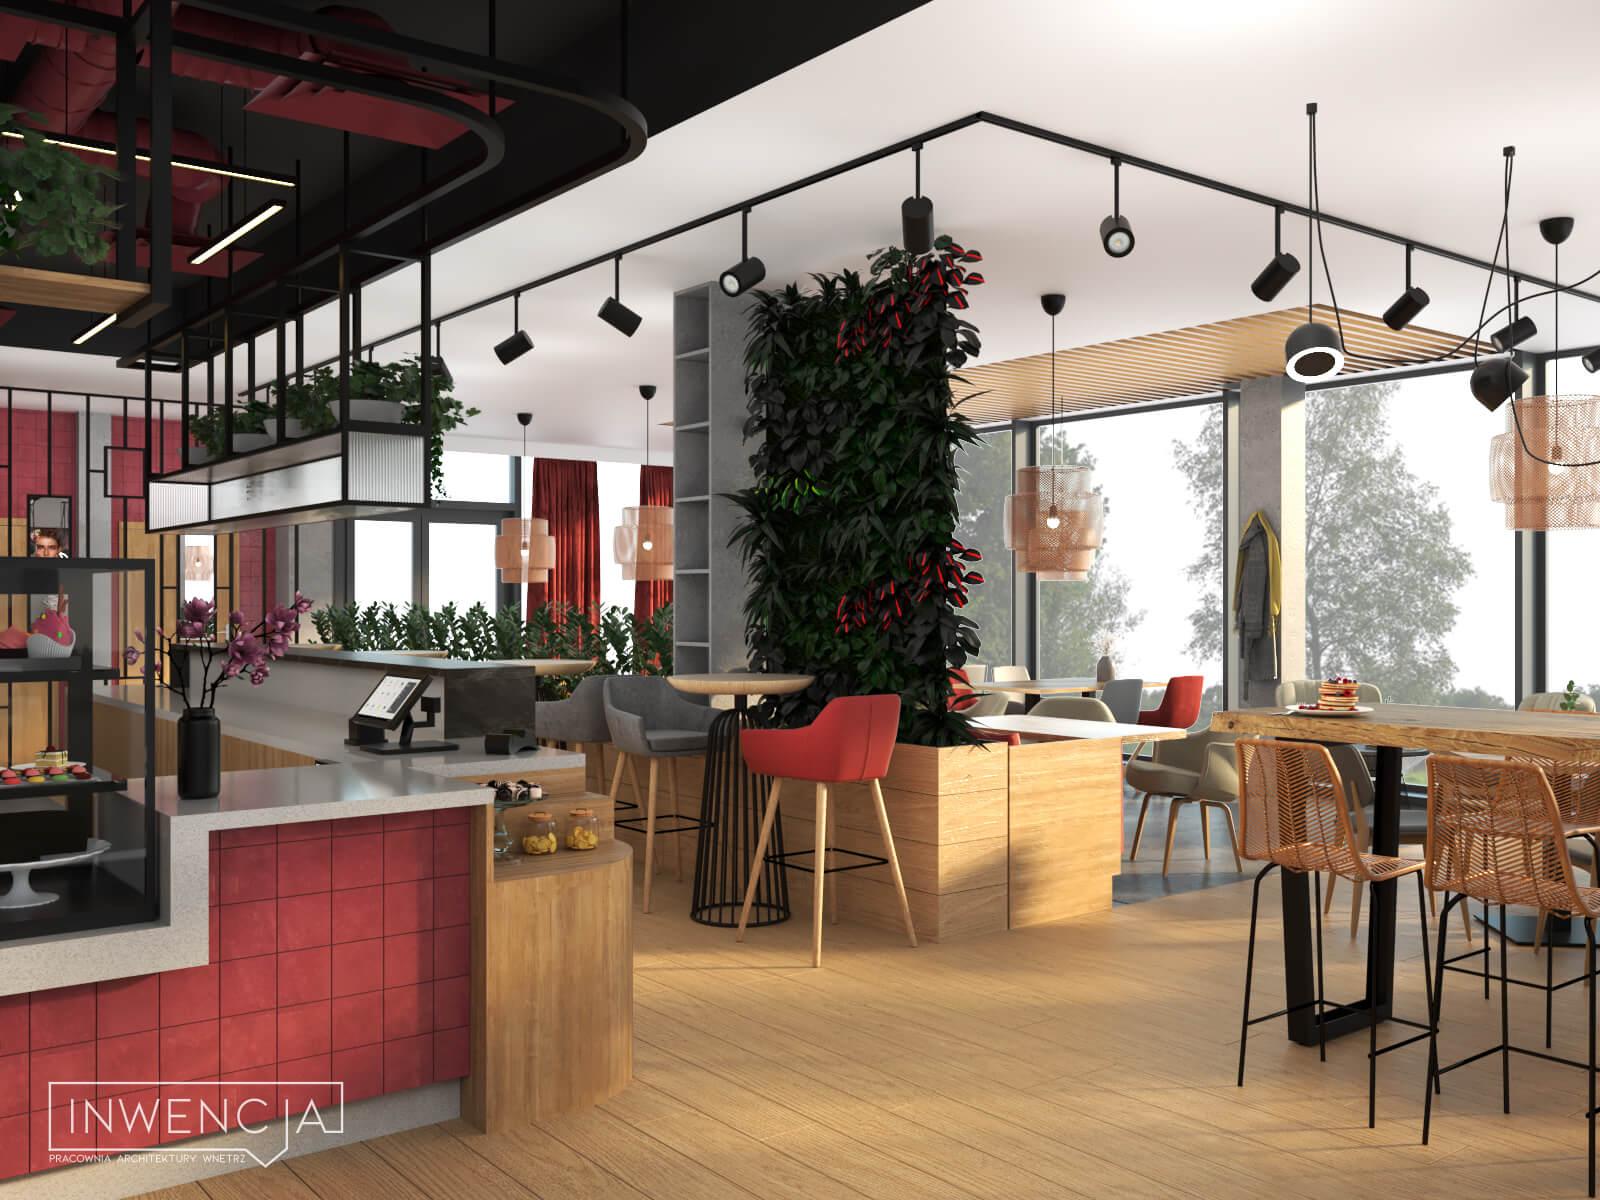 Restauracja w Tychach Dotychczas - wnętrze sali